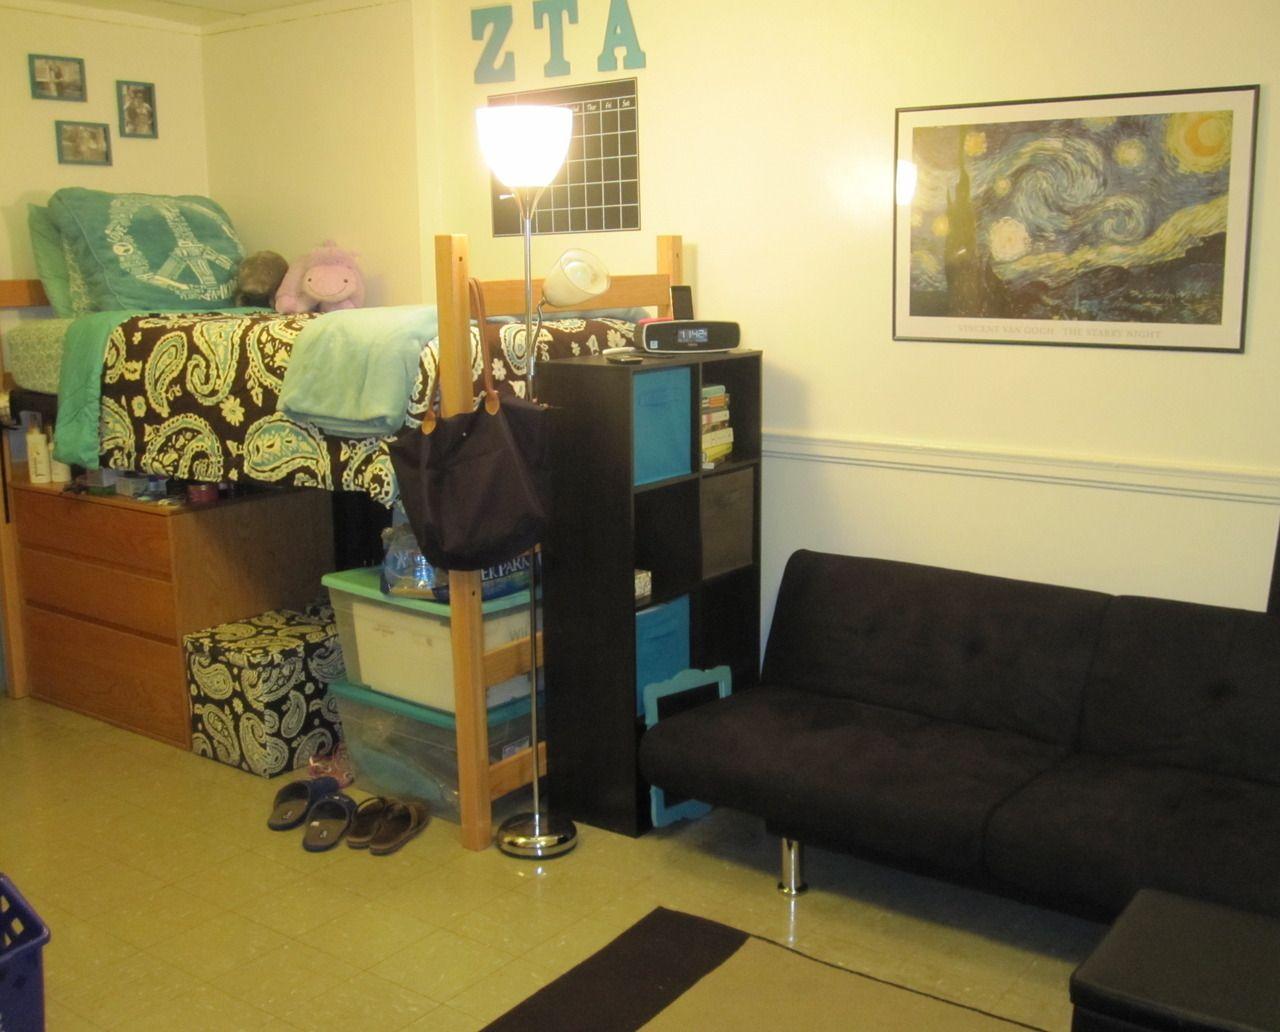 Dorm Rooms U0026 Decor Room Set Up Part 11